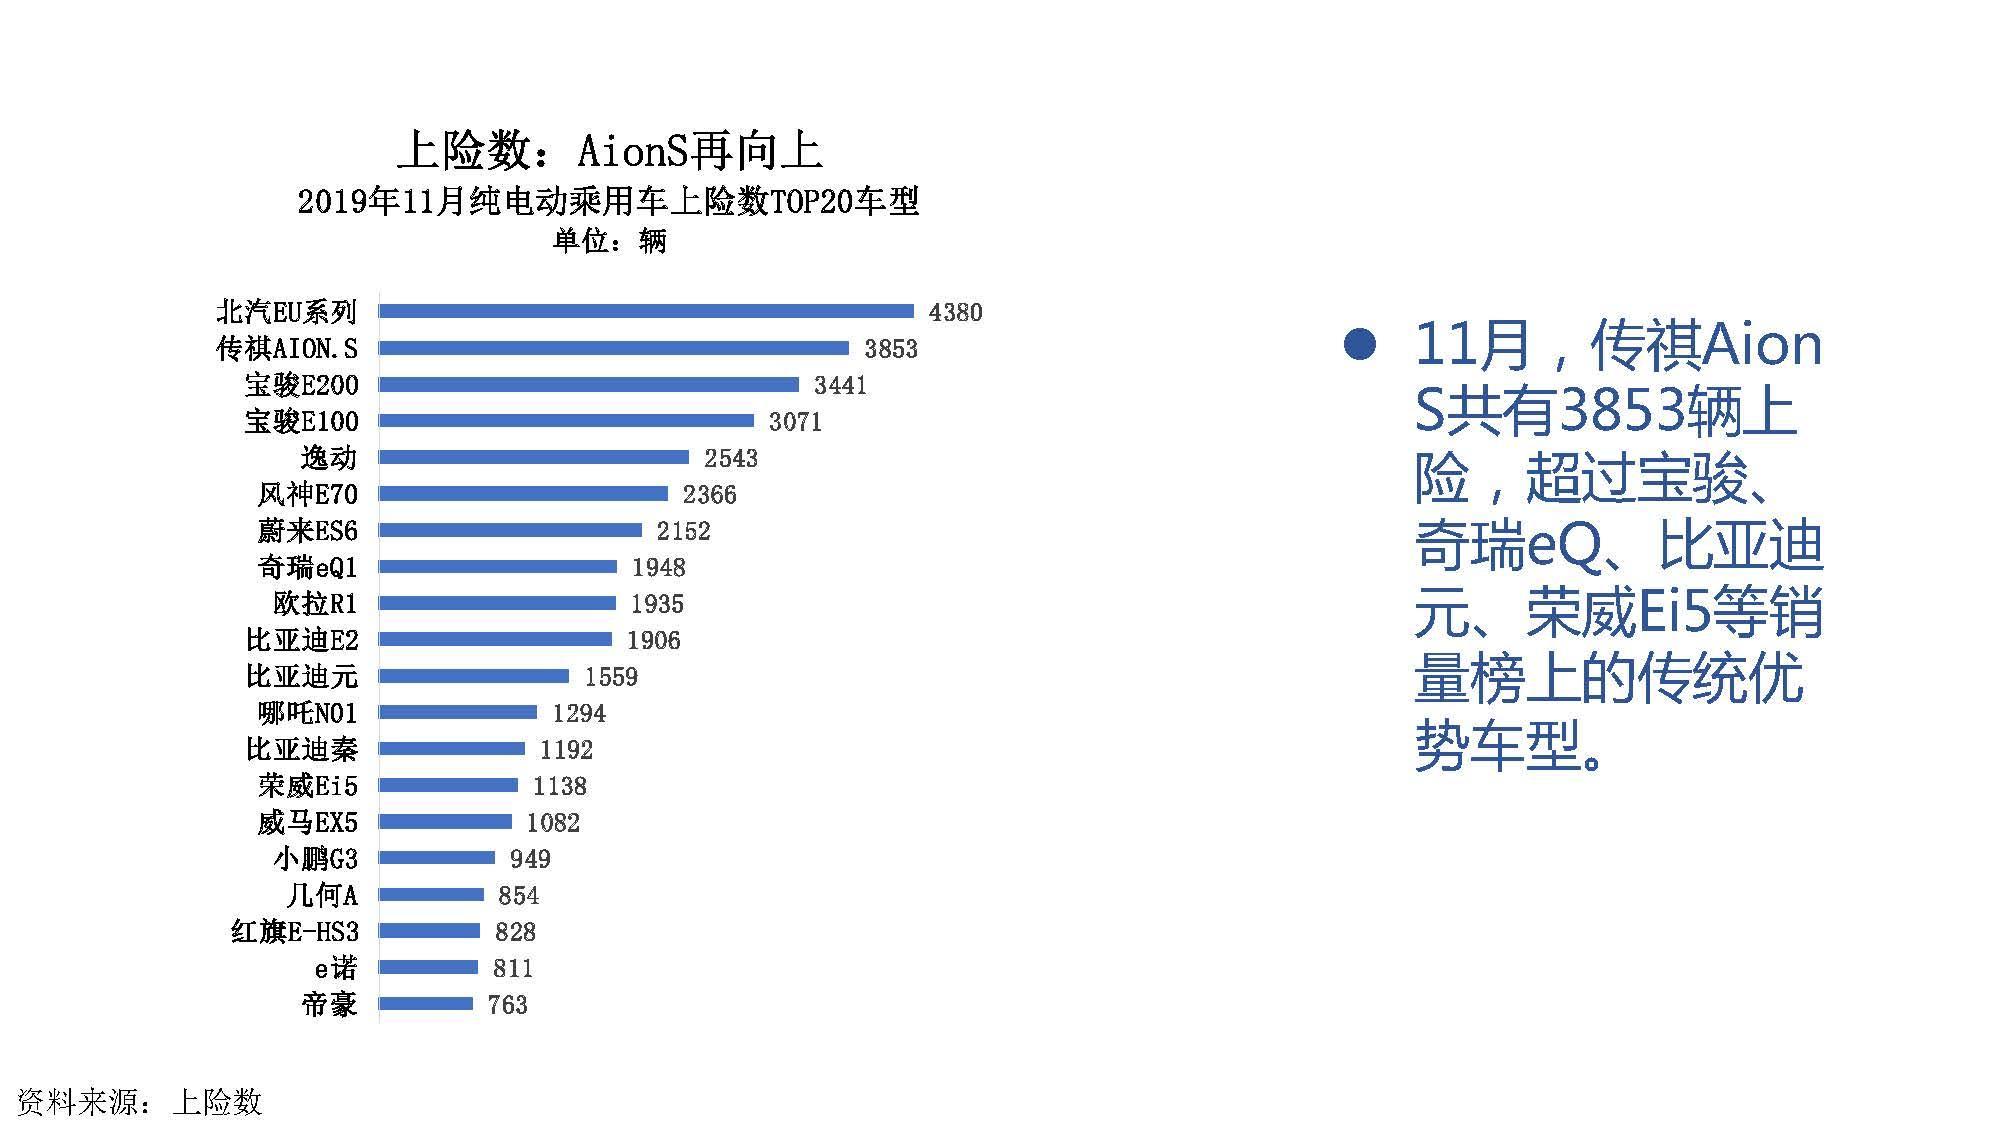 2019年11月中国新能源汽车产业观察_页面_052